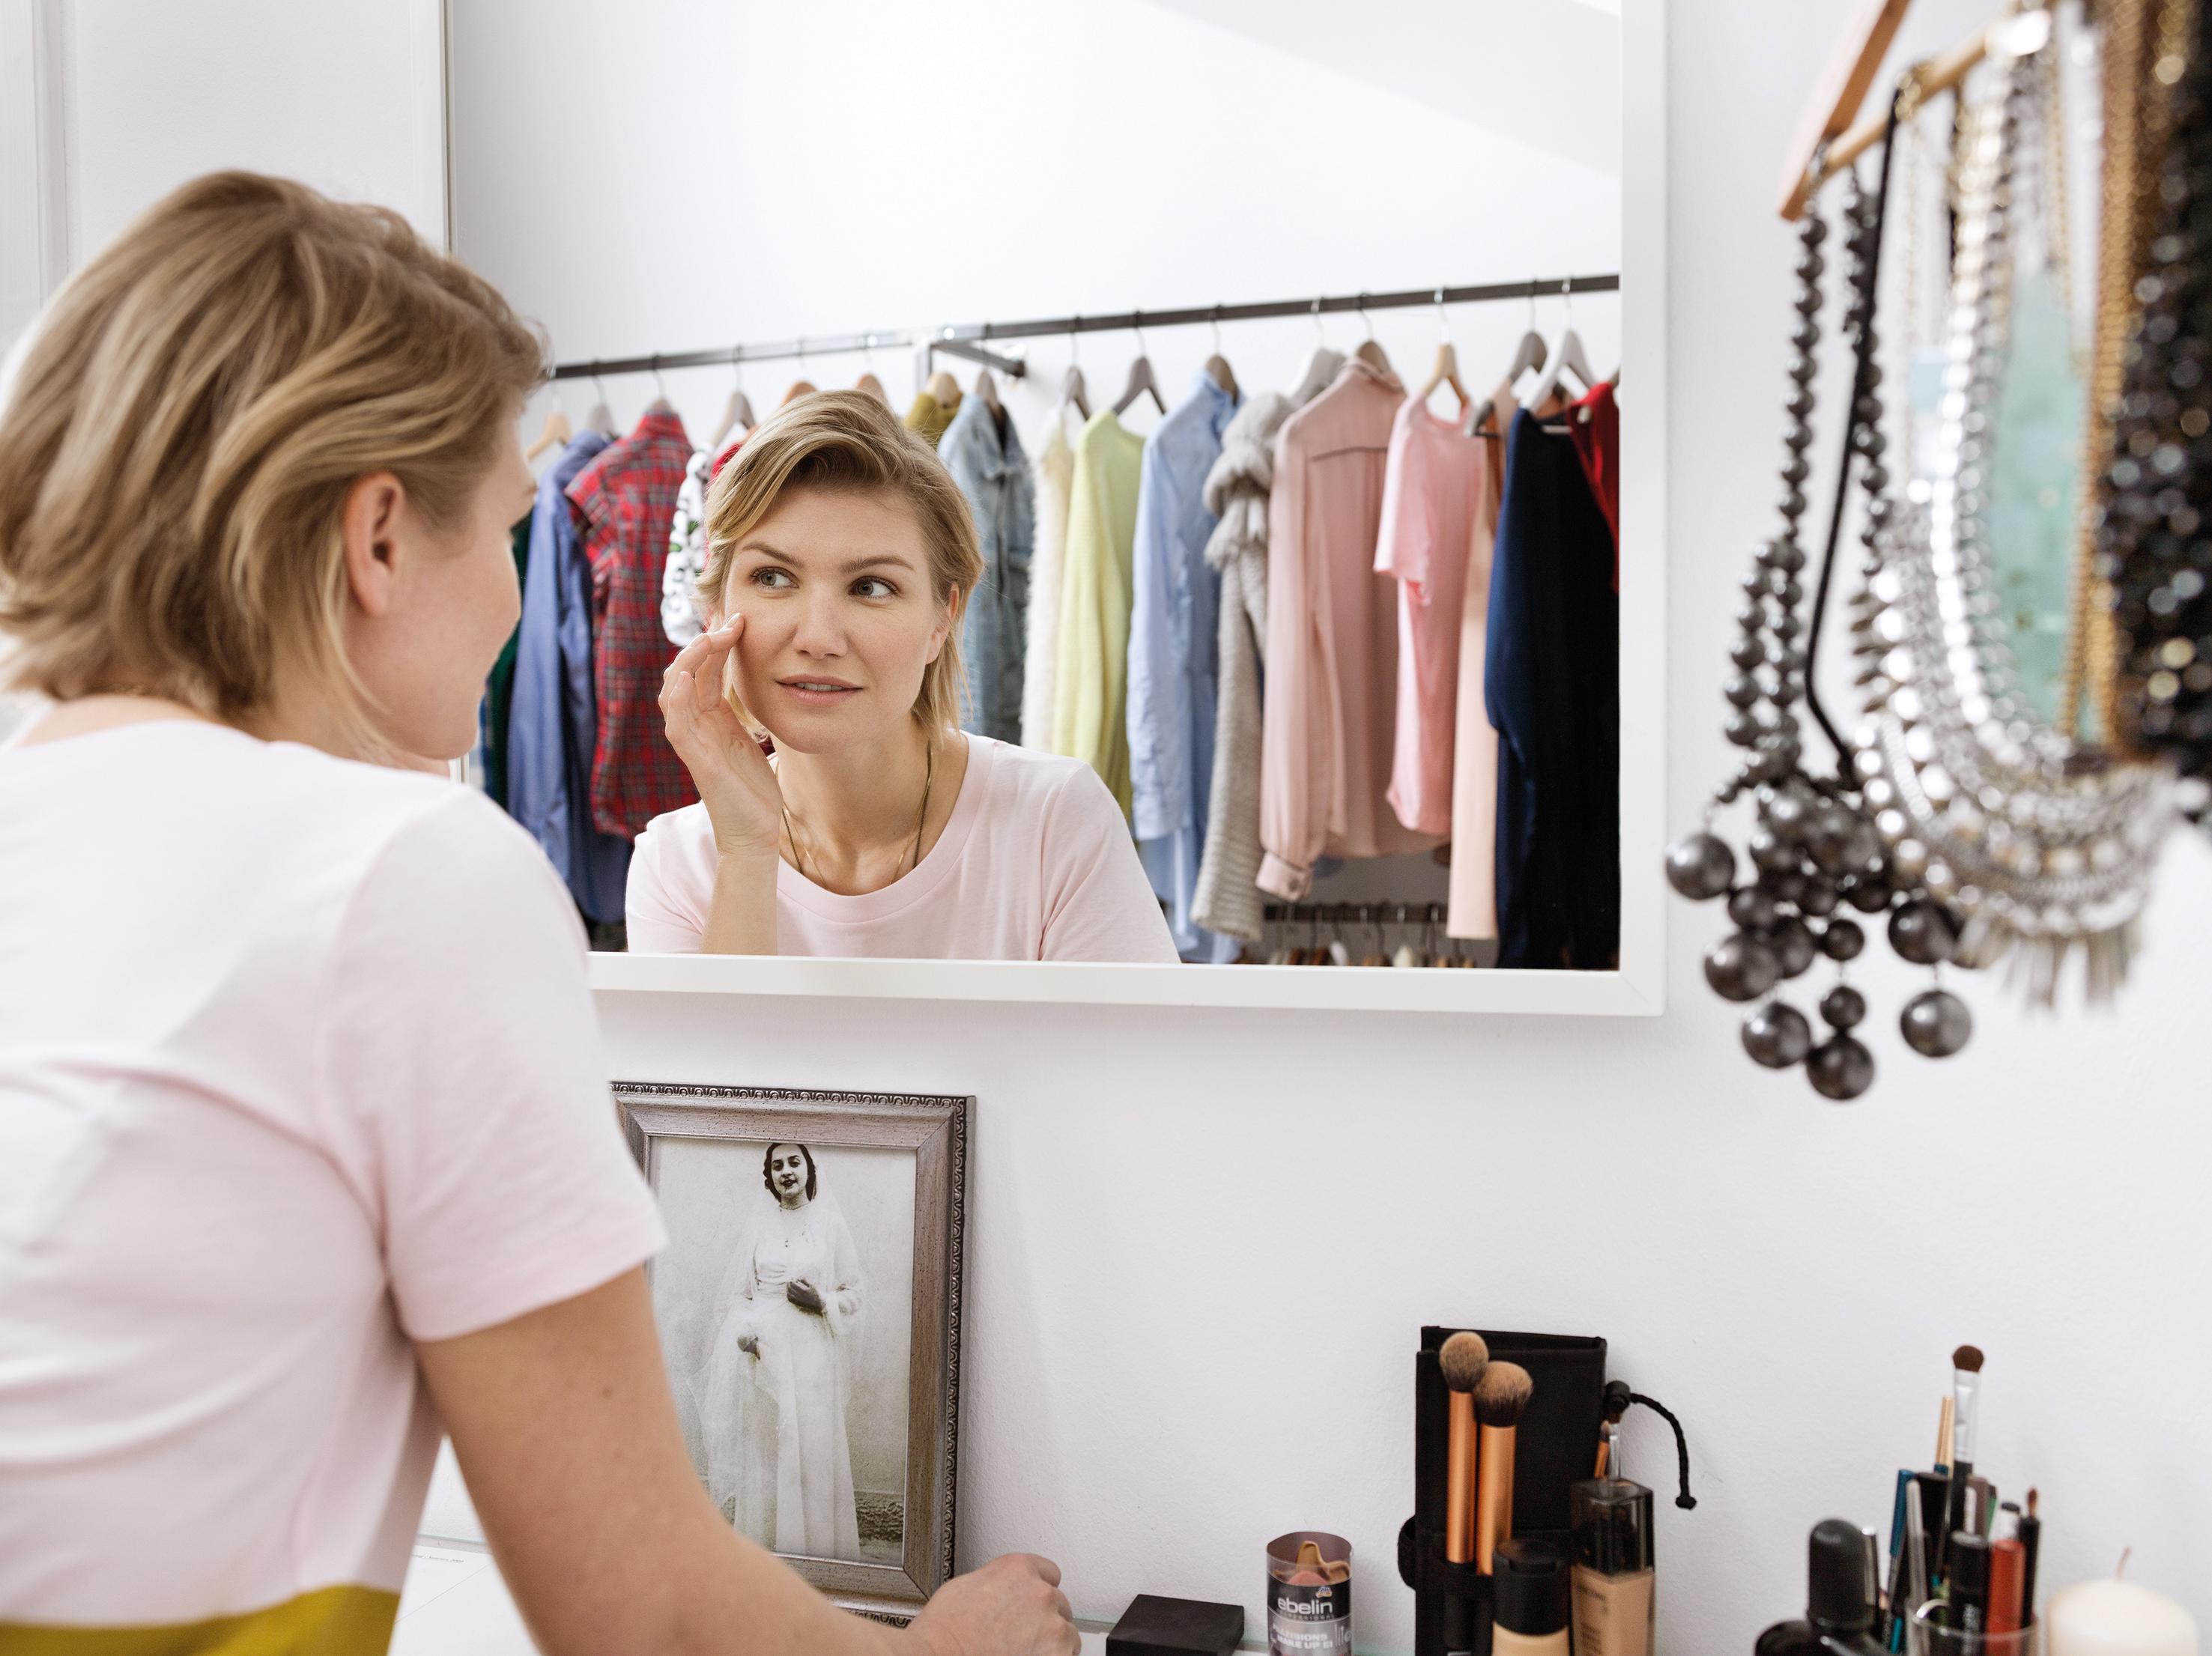 Plavokosa žena ranih srednjih godina, se ogleda u ogledalu u garderobi, i vidi se njen blagi odraz lica.